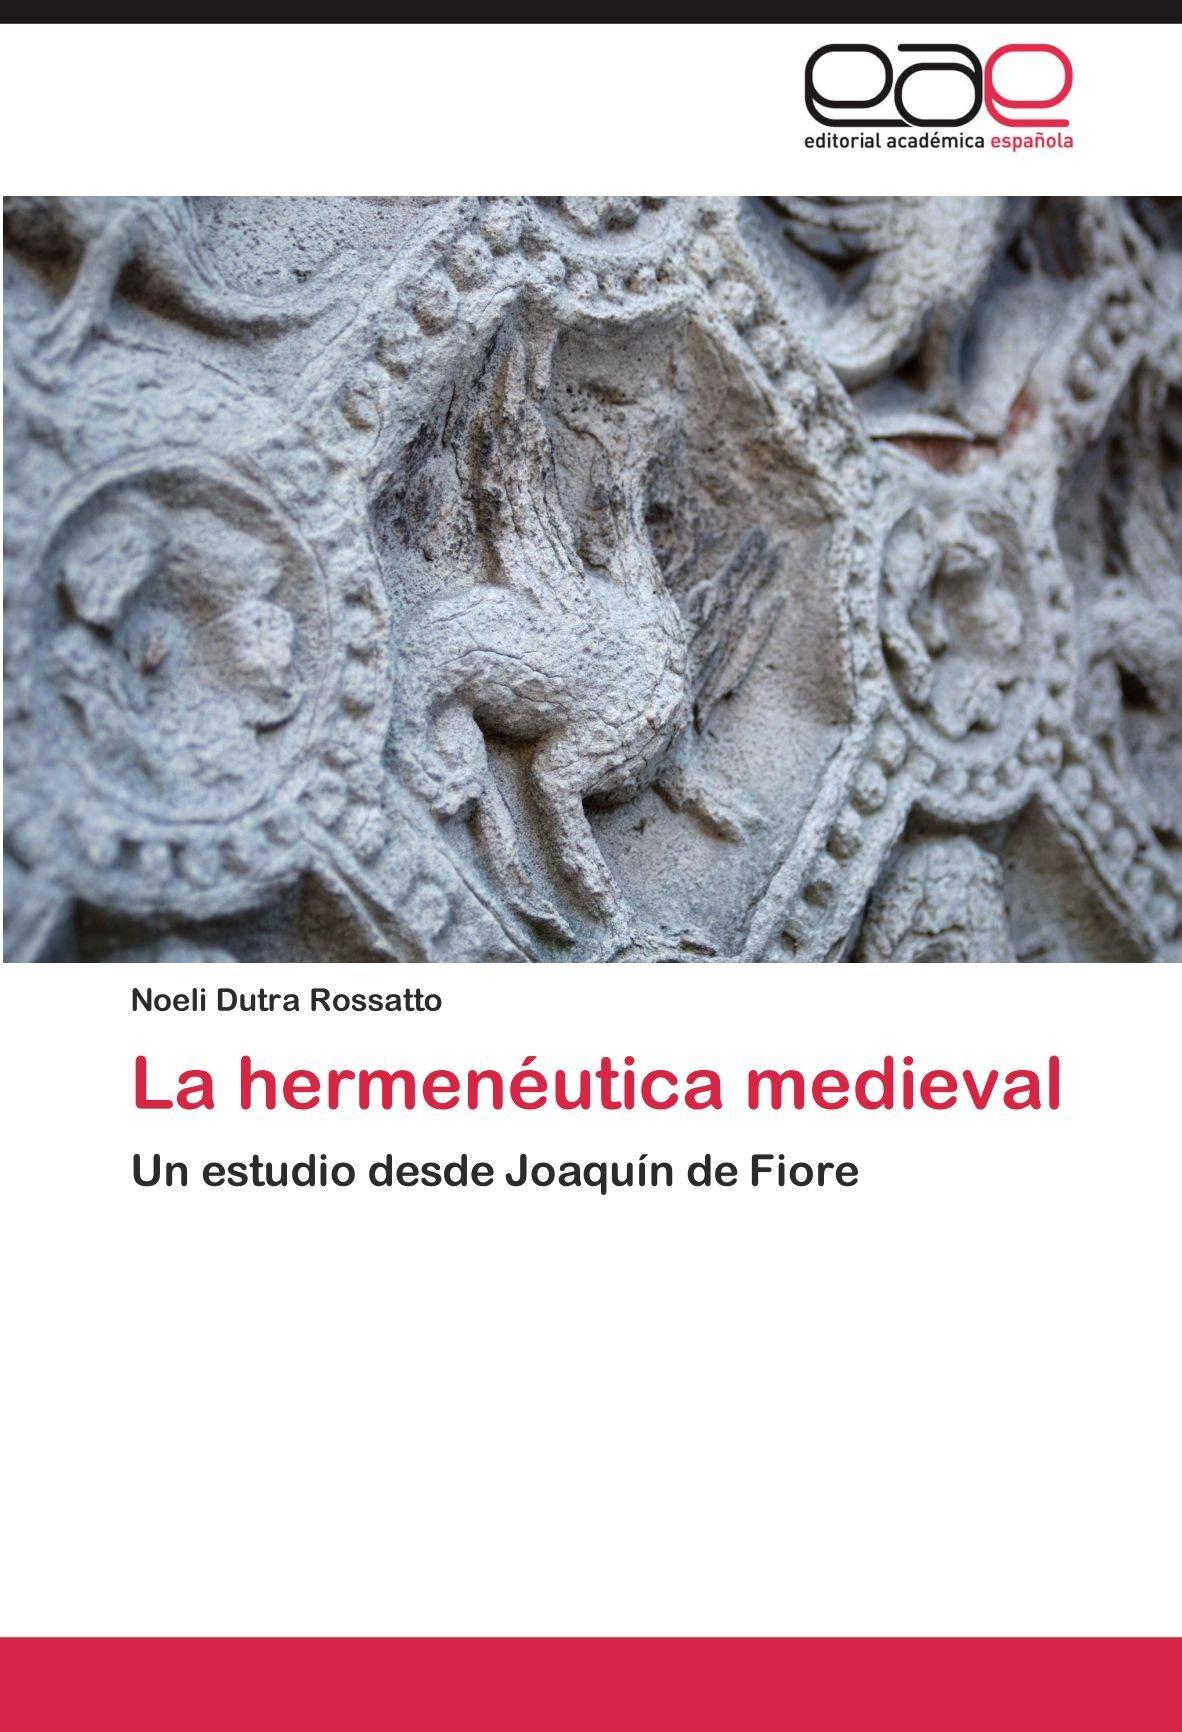 La hermenéutica medieval: Amazon.es: Dutra Rossatto Noeli: Libros